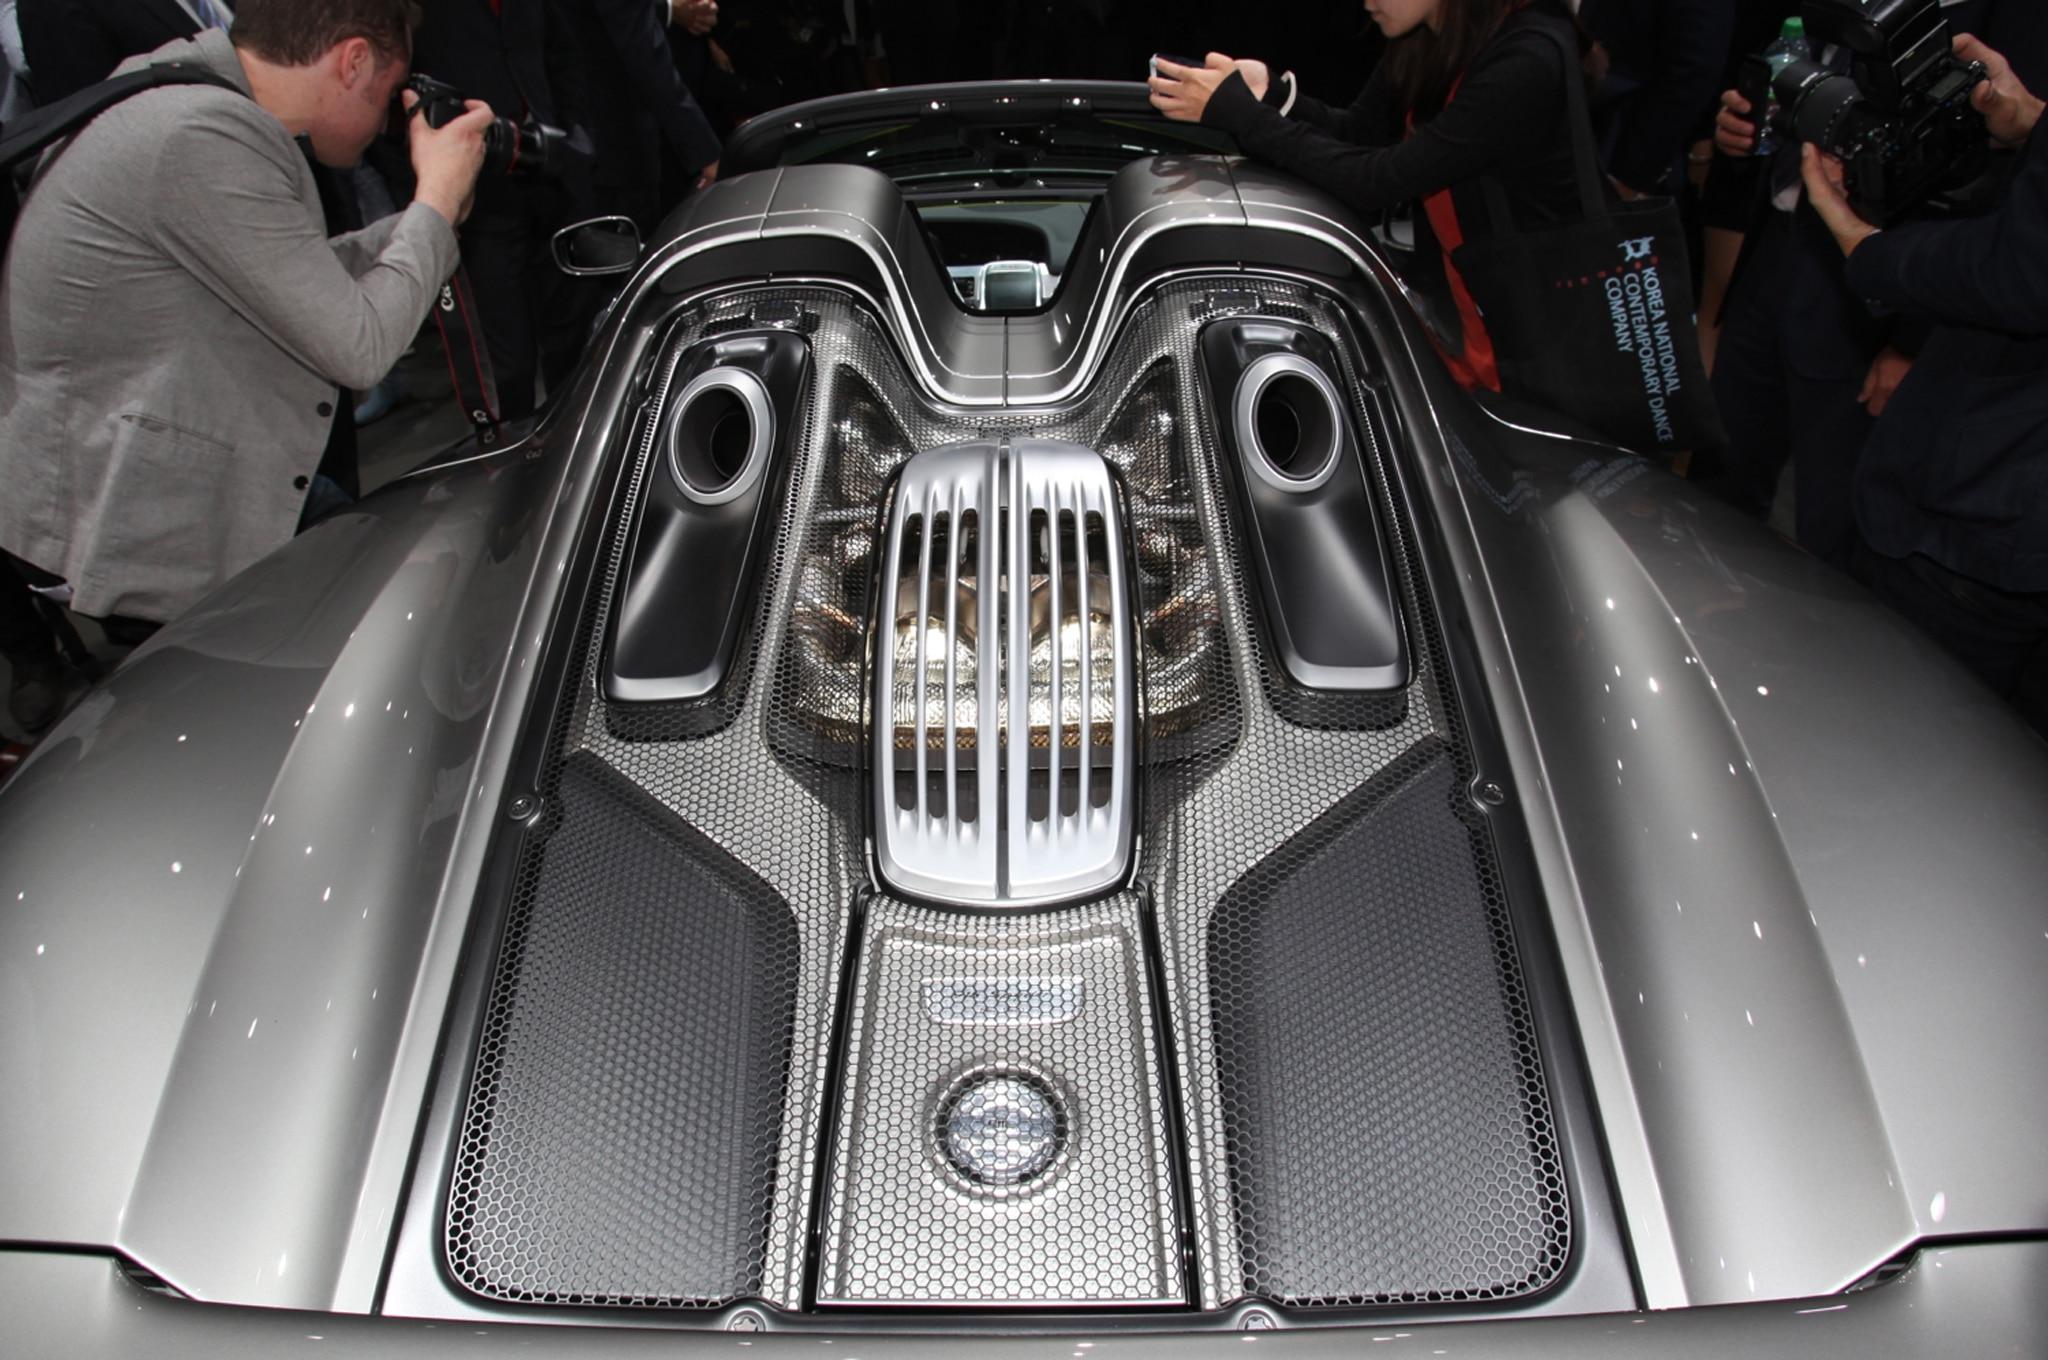 Porsche-918-spyder-super-hybrid-engine-02